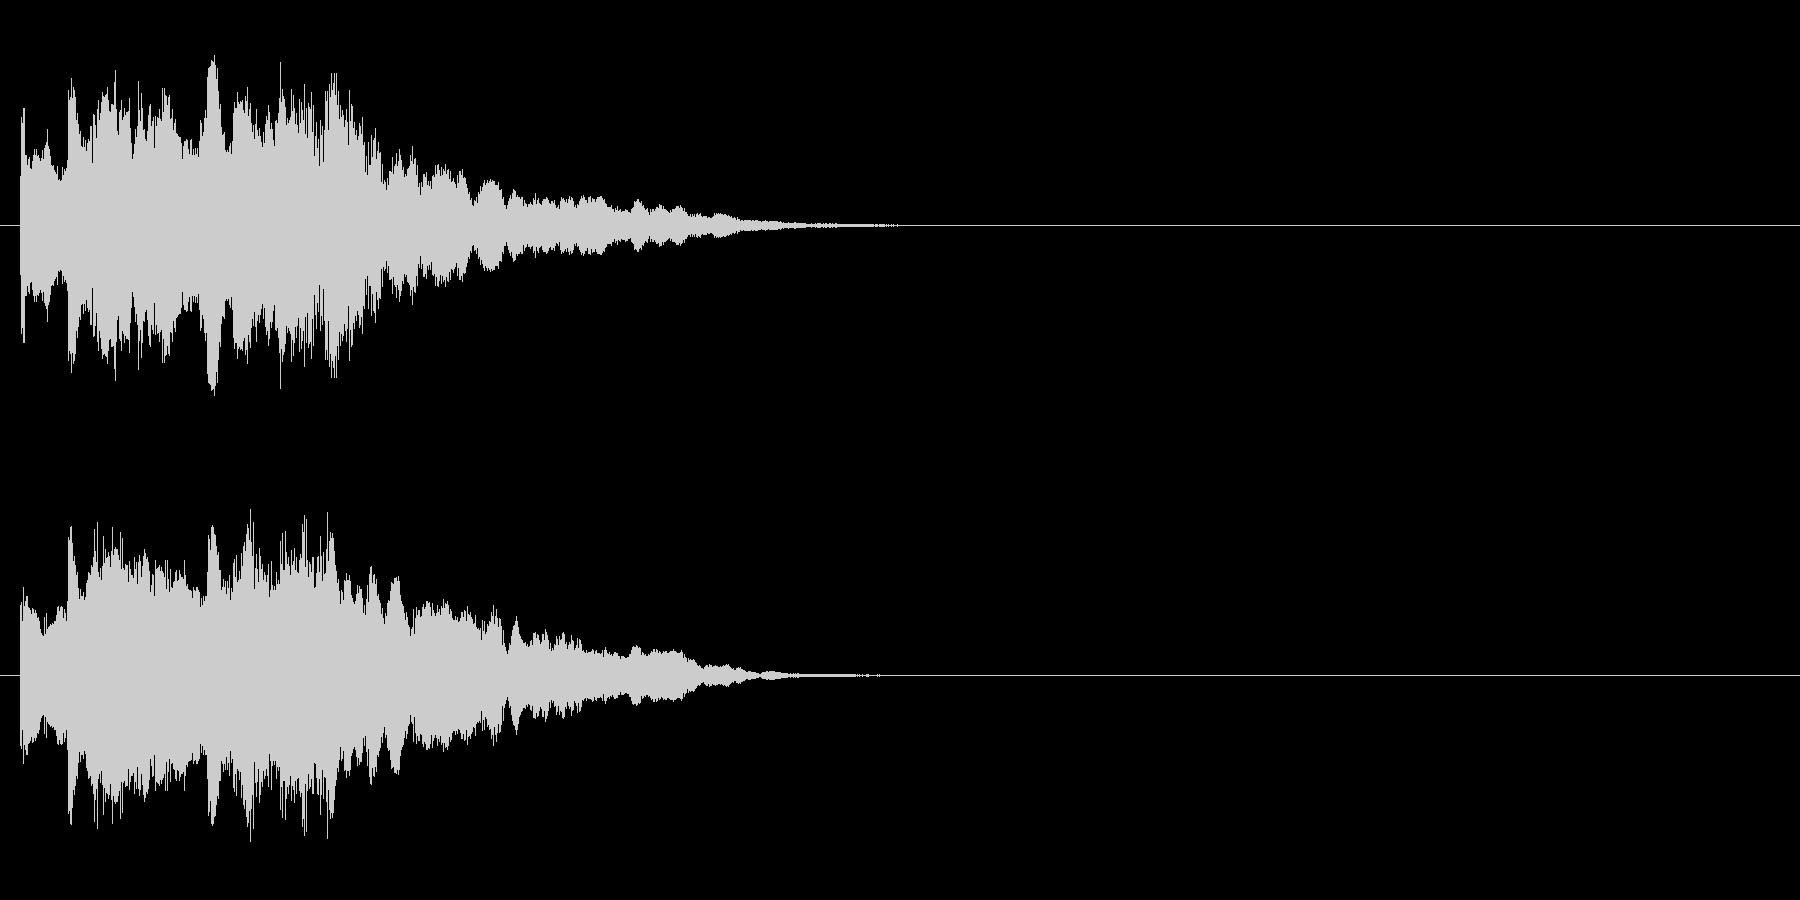 ジングル/神秘的、場面転換(環境)の未再生の波形